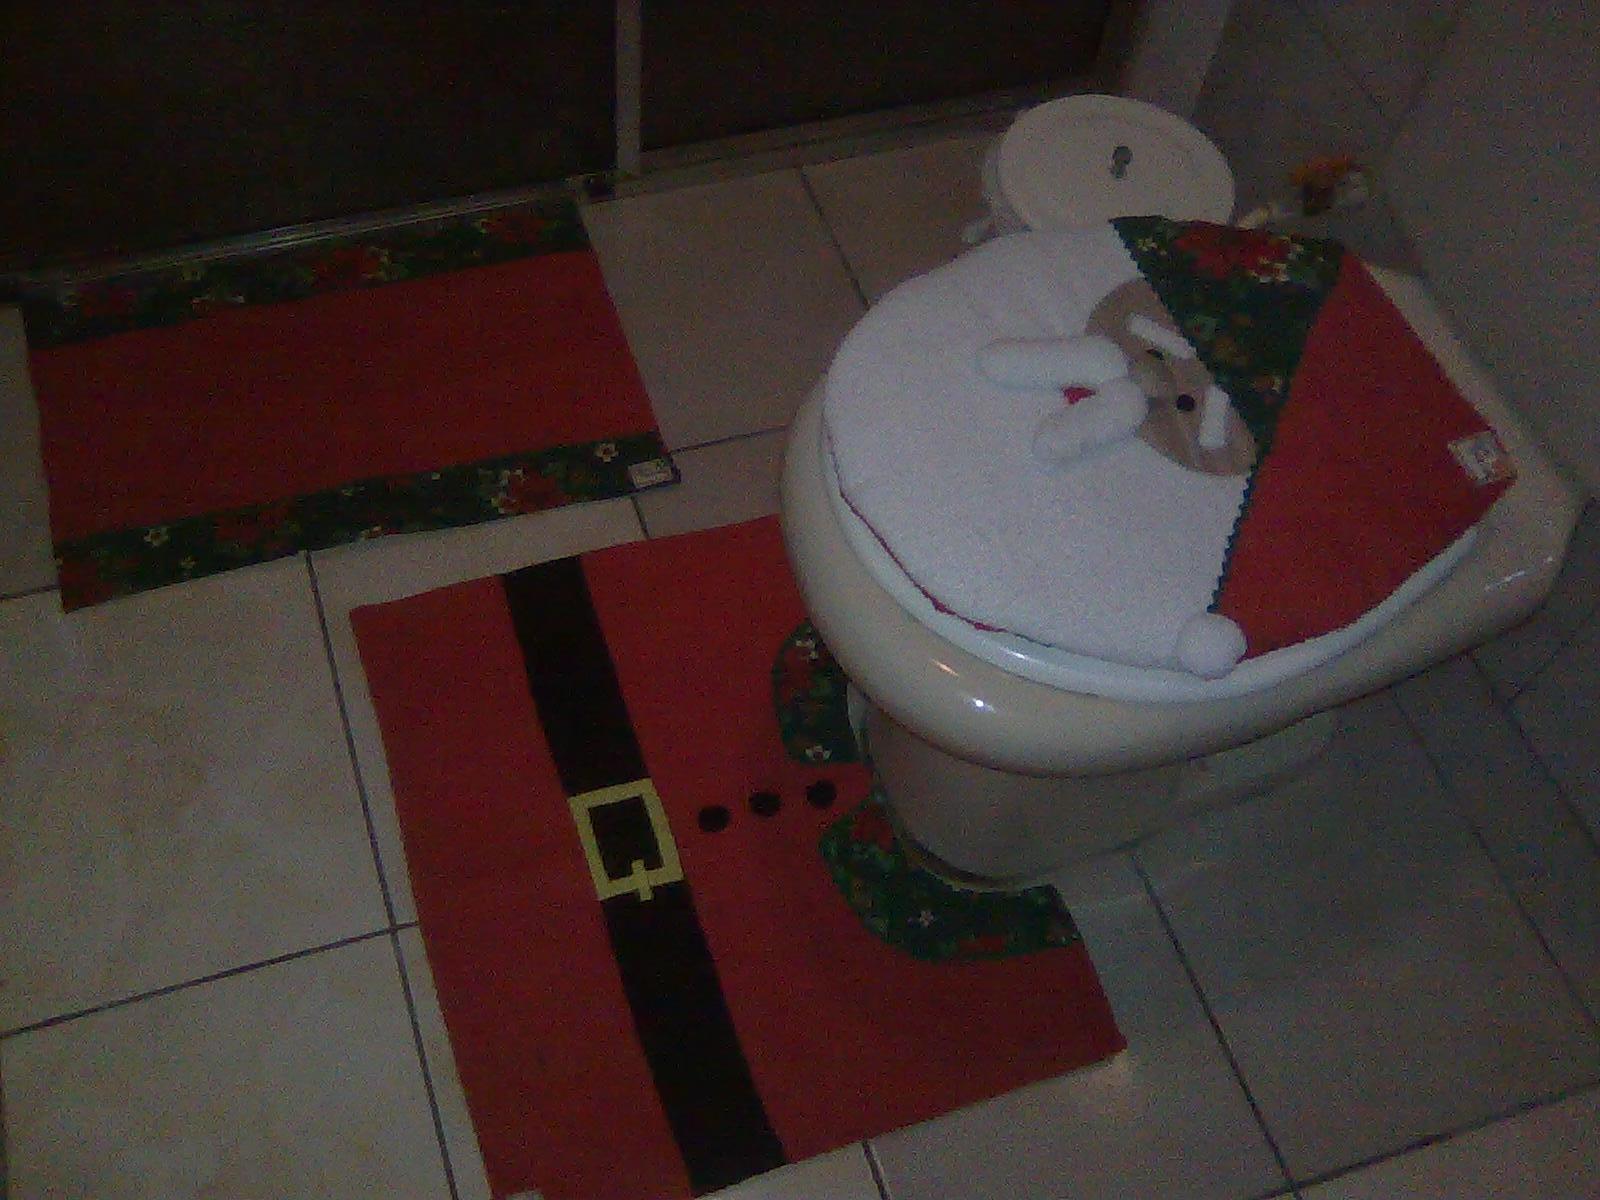 de banheiro natal banheiro jogo de banheiro natal decoracao jogo de  #352422 1600x1200 Banheiro De Gato Como Fazer